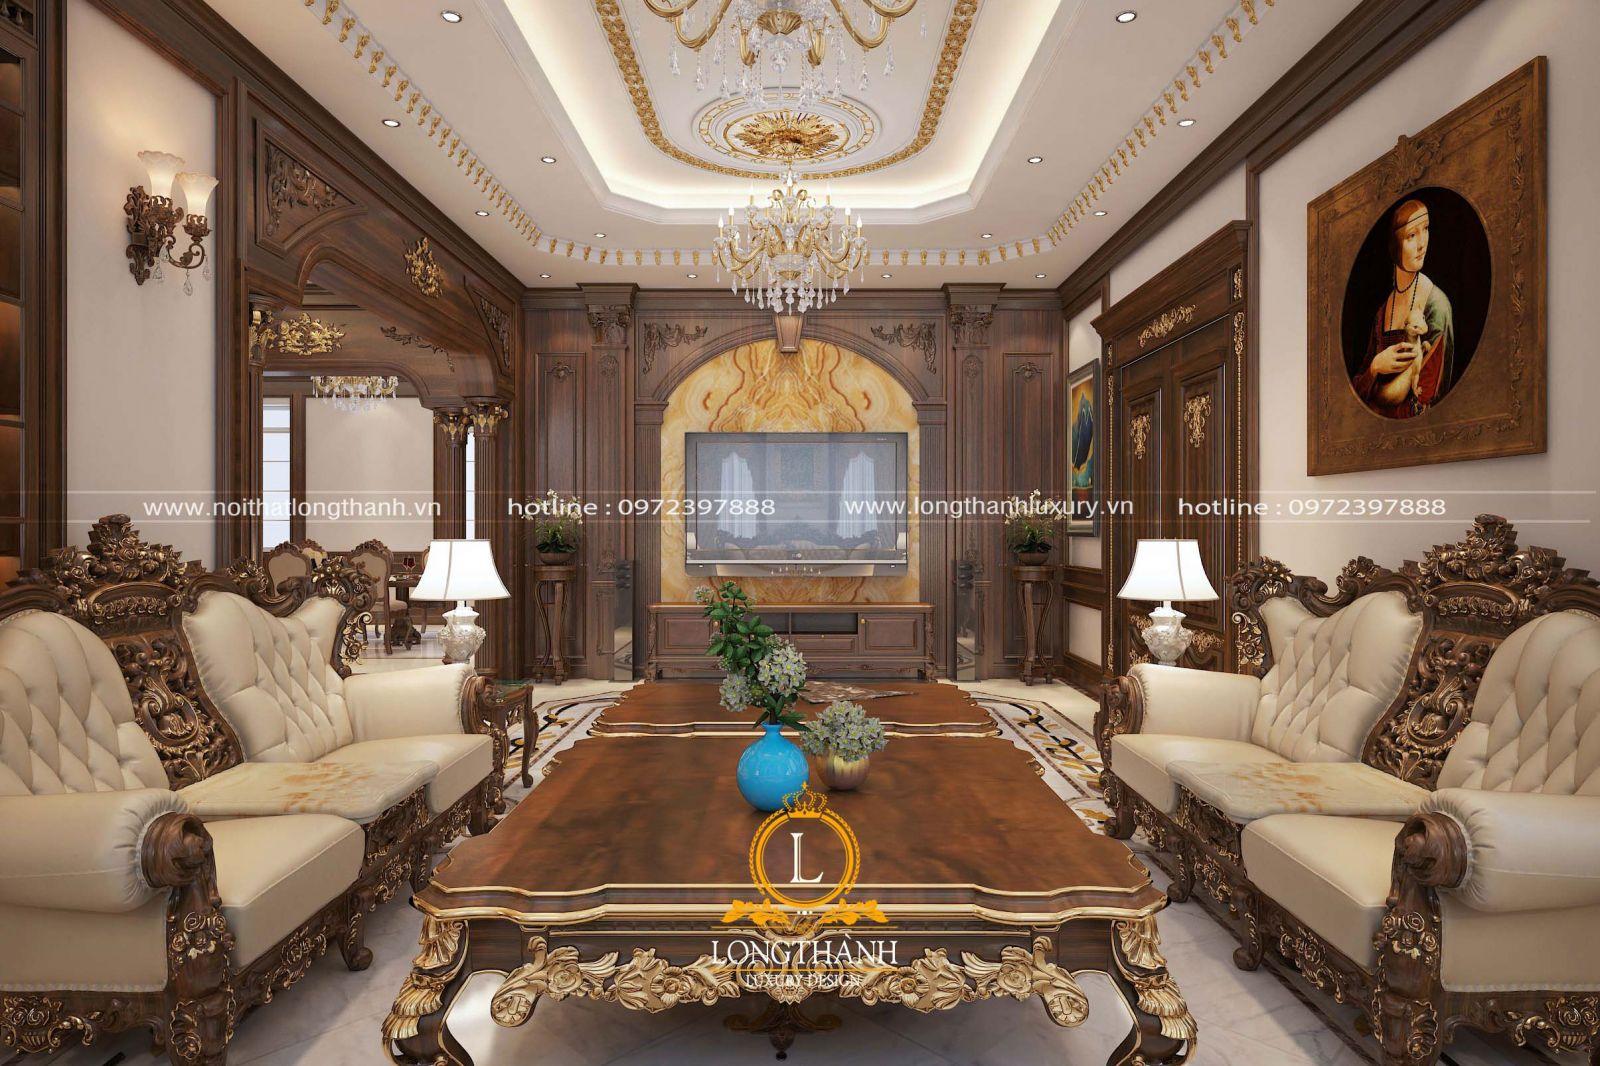 Bộ sofa tân cổ điển được dát vàng tại điểm nhấn hoa văn